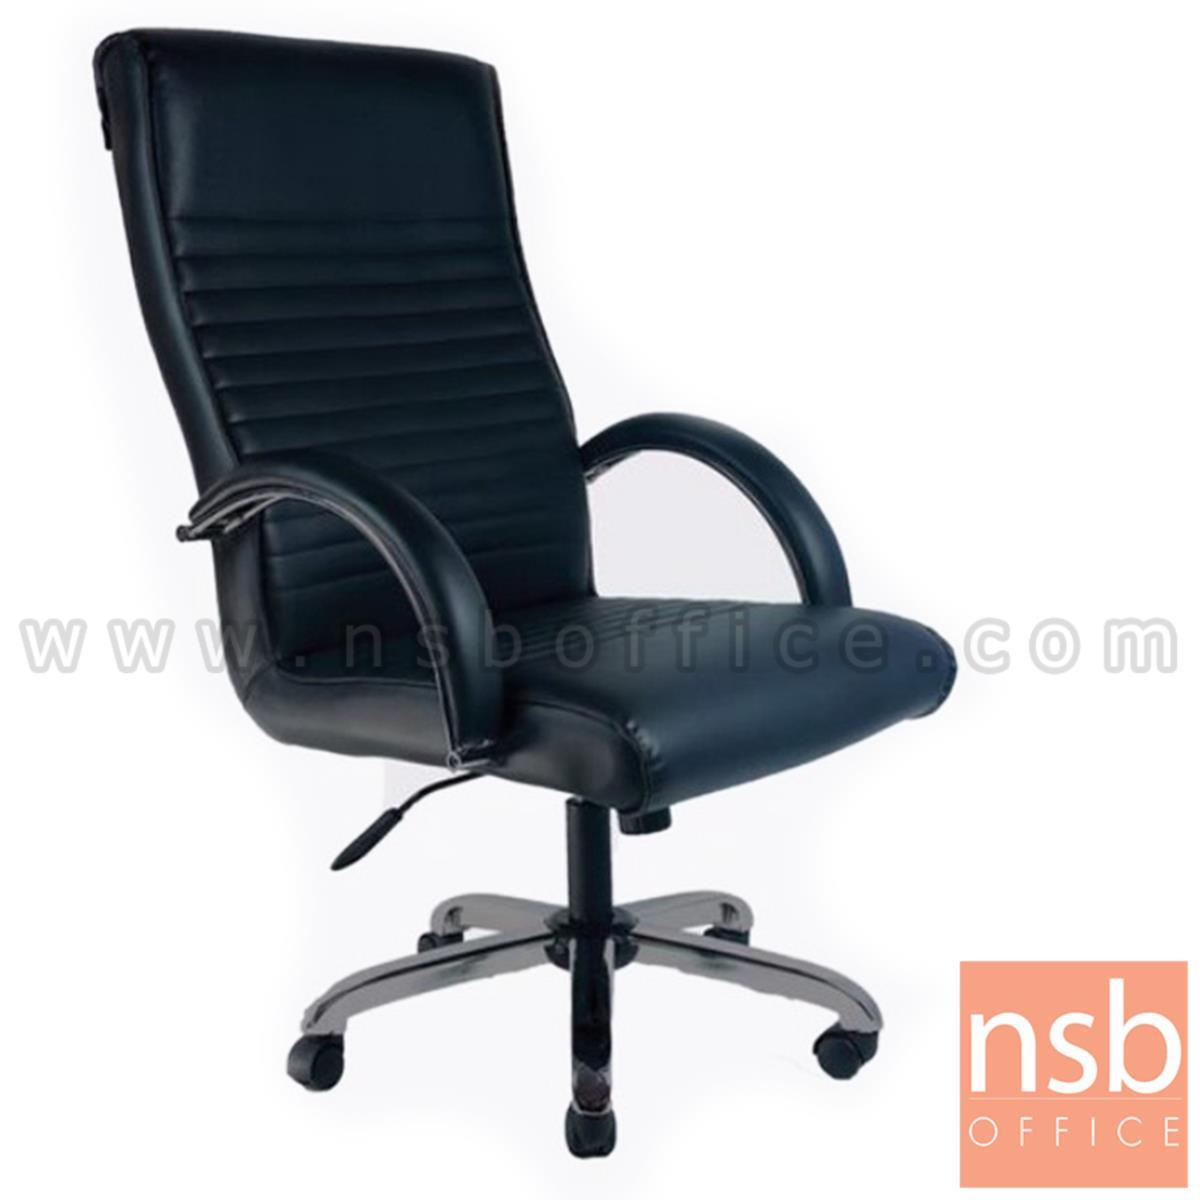 B01A526:เก้าอี้ผู้บริหาร รุ่น Campbell (แคมป์เบล)  โช๊คแก๊ส ก้อนโยก ขาเหล็กชุบโครเมี่ยม